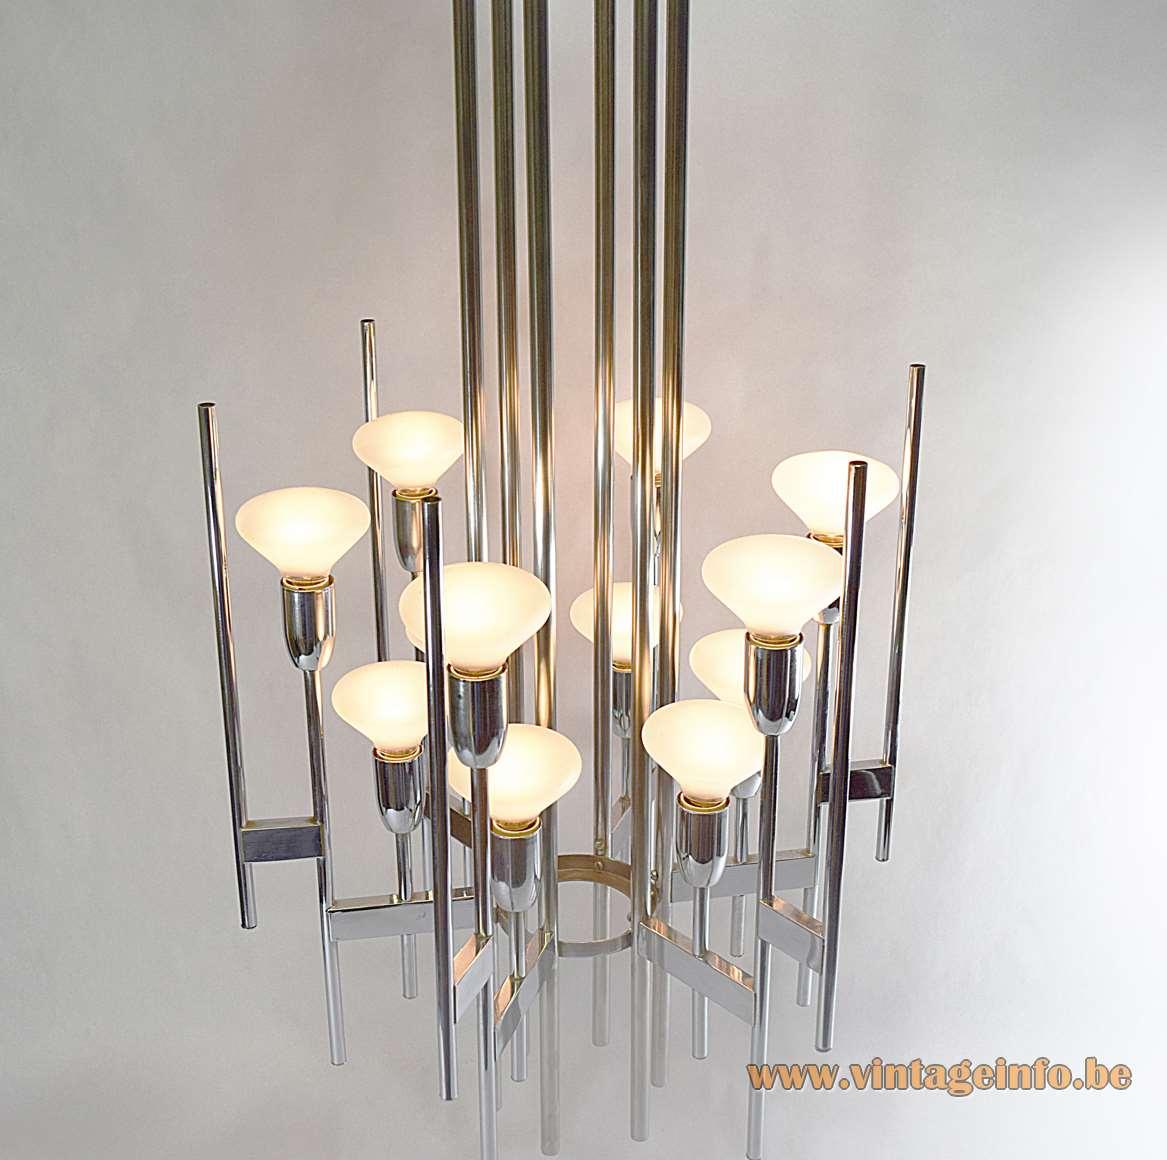 Gaetano Sciolari chrome tubes chandelier design long rods & slats 12 E14 lamp sockets 1960s 1970s Italy